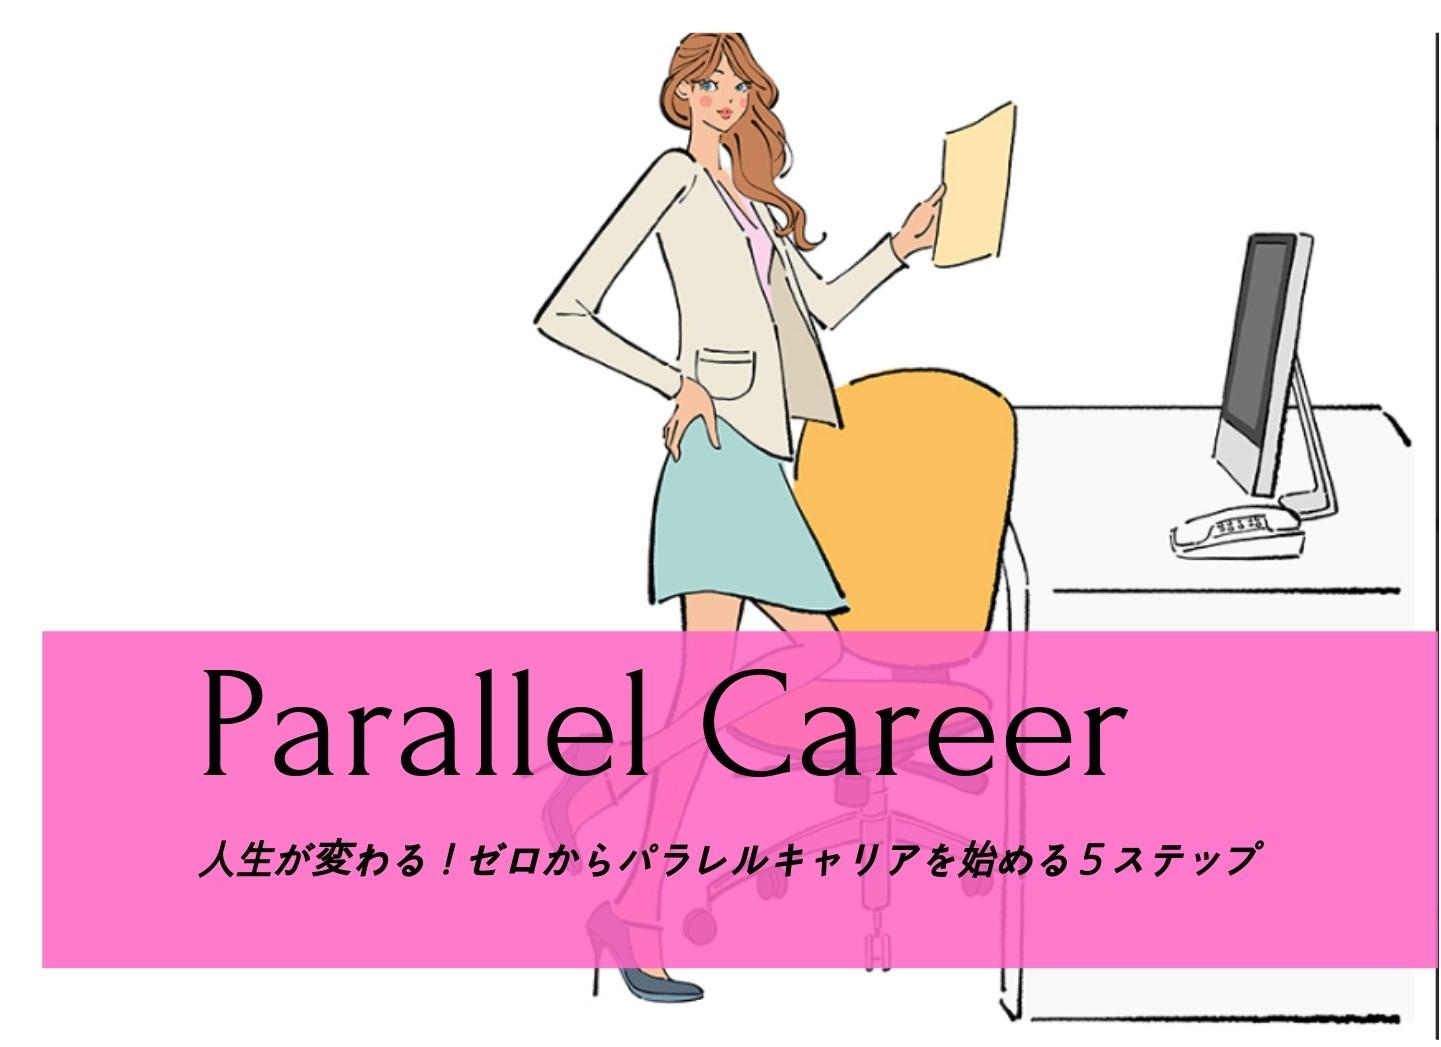 【30代の転職は正社員だけじゃない】人生が変わる!ゼロからパラレルキャリアを始める5ステップ